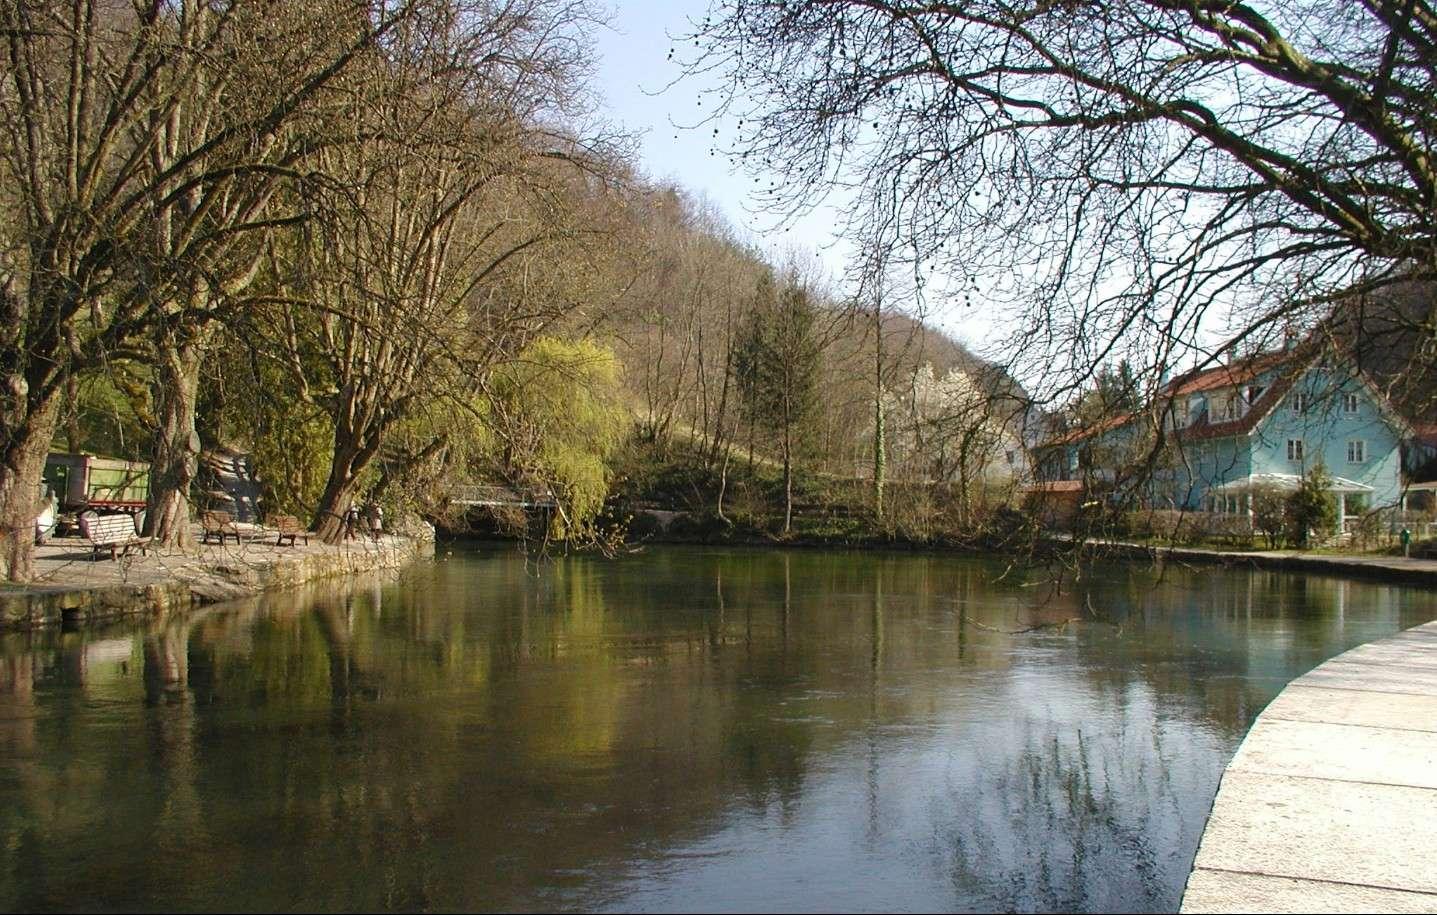 """La disparition du Danube (Donauversickerung), Immendingen, Allemagne, 47°55'46.28""""N 8°45'20.68""""E 2015-149"""